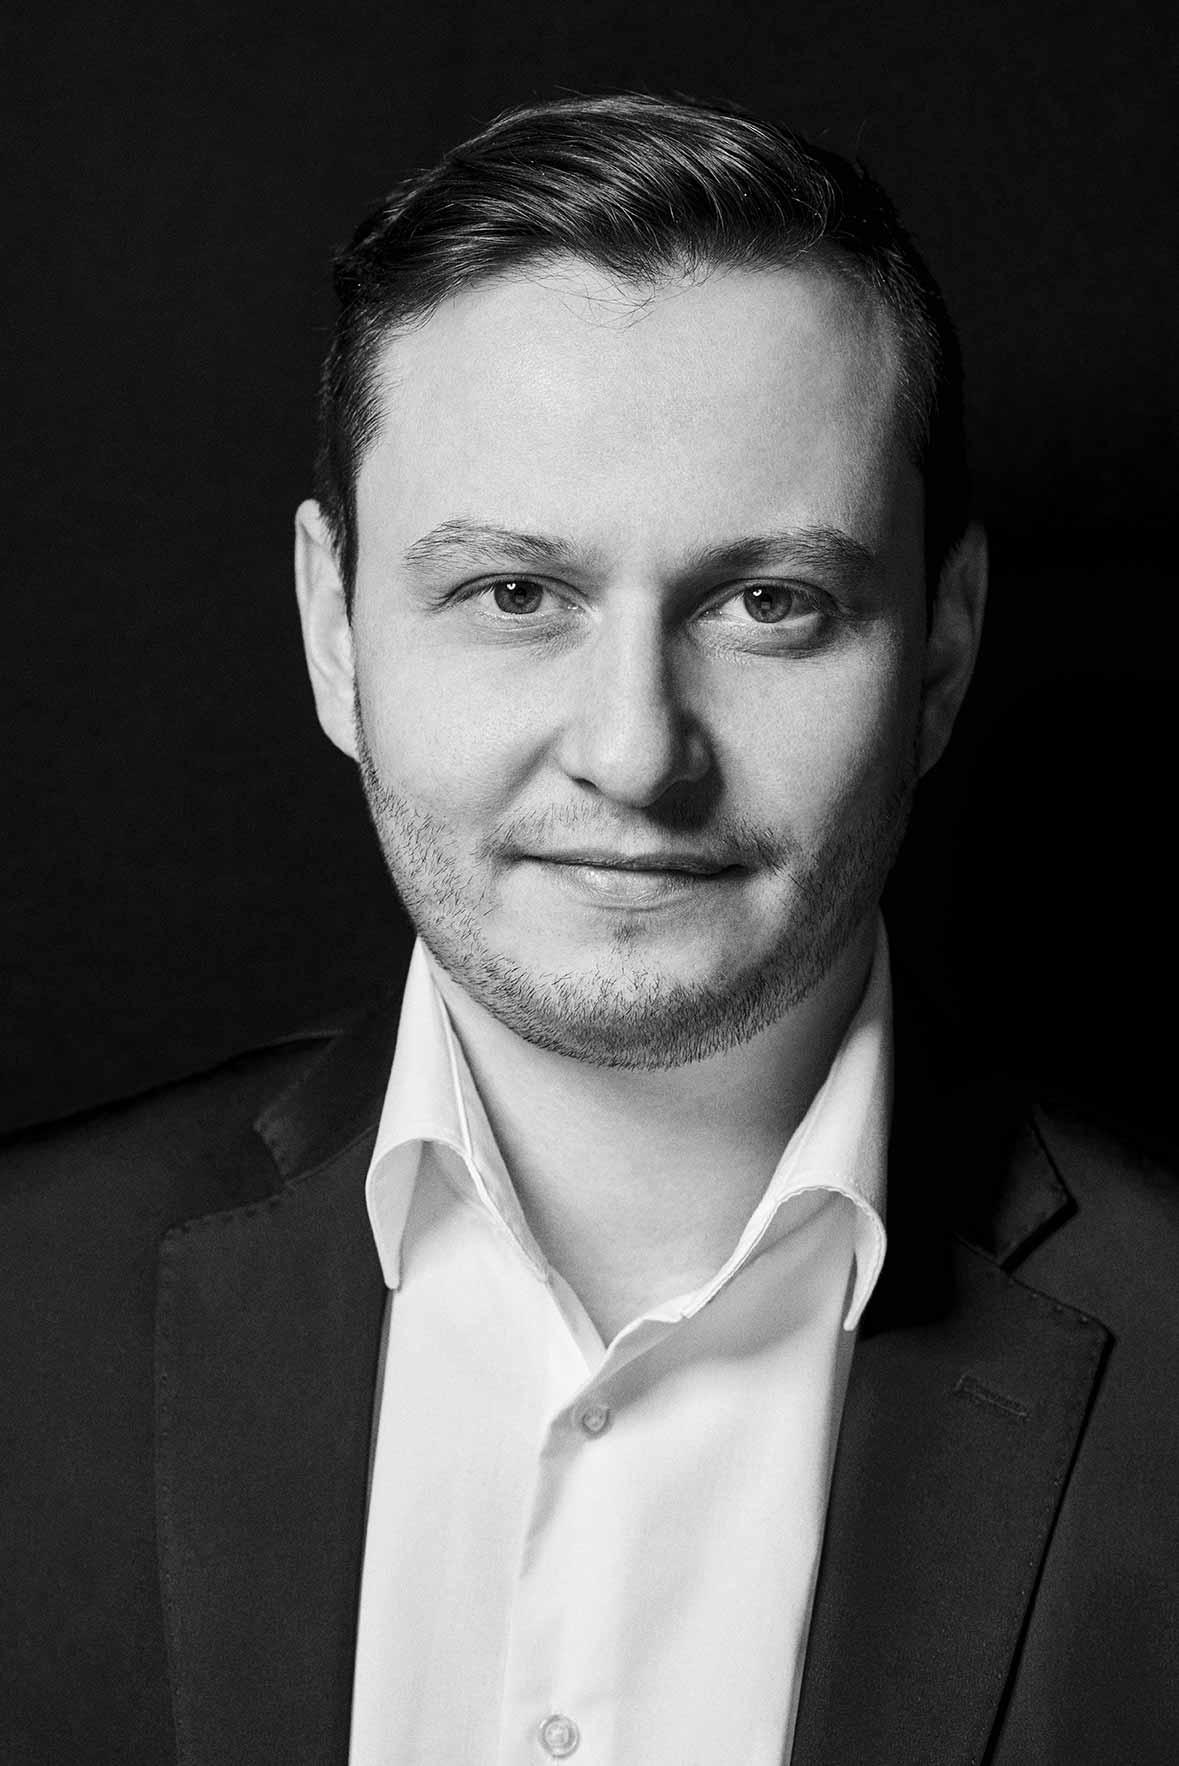 Alec Chizhik